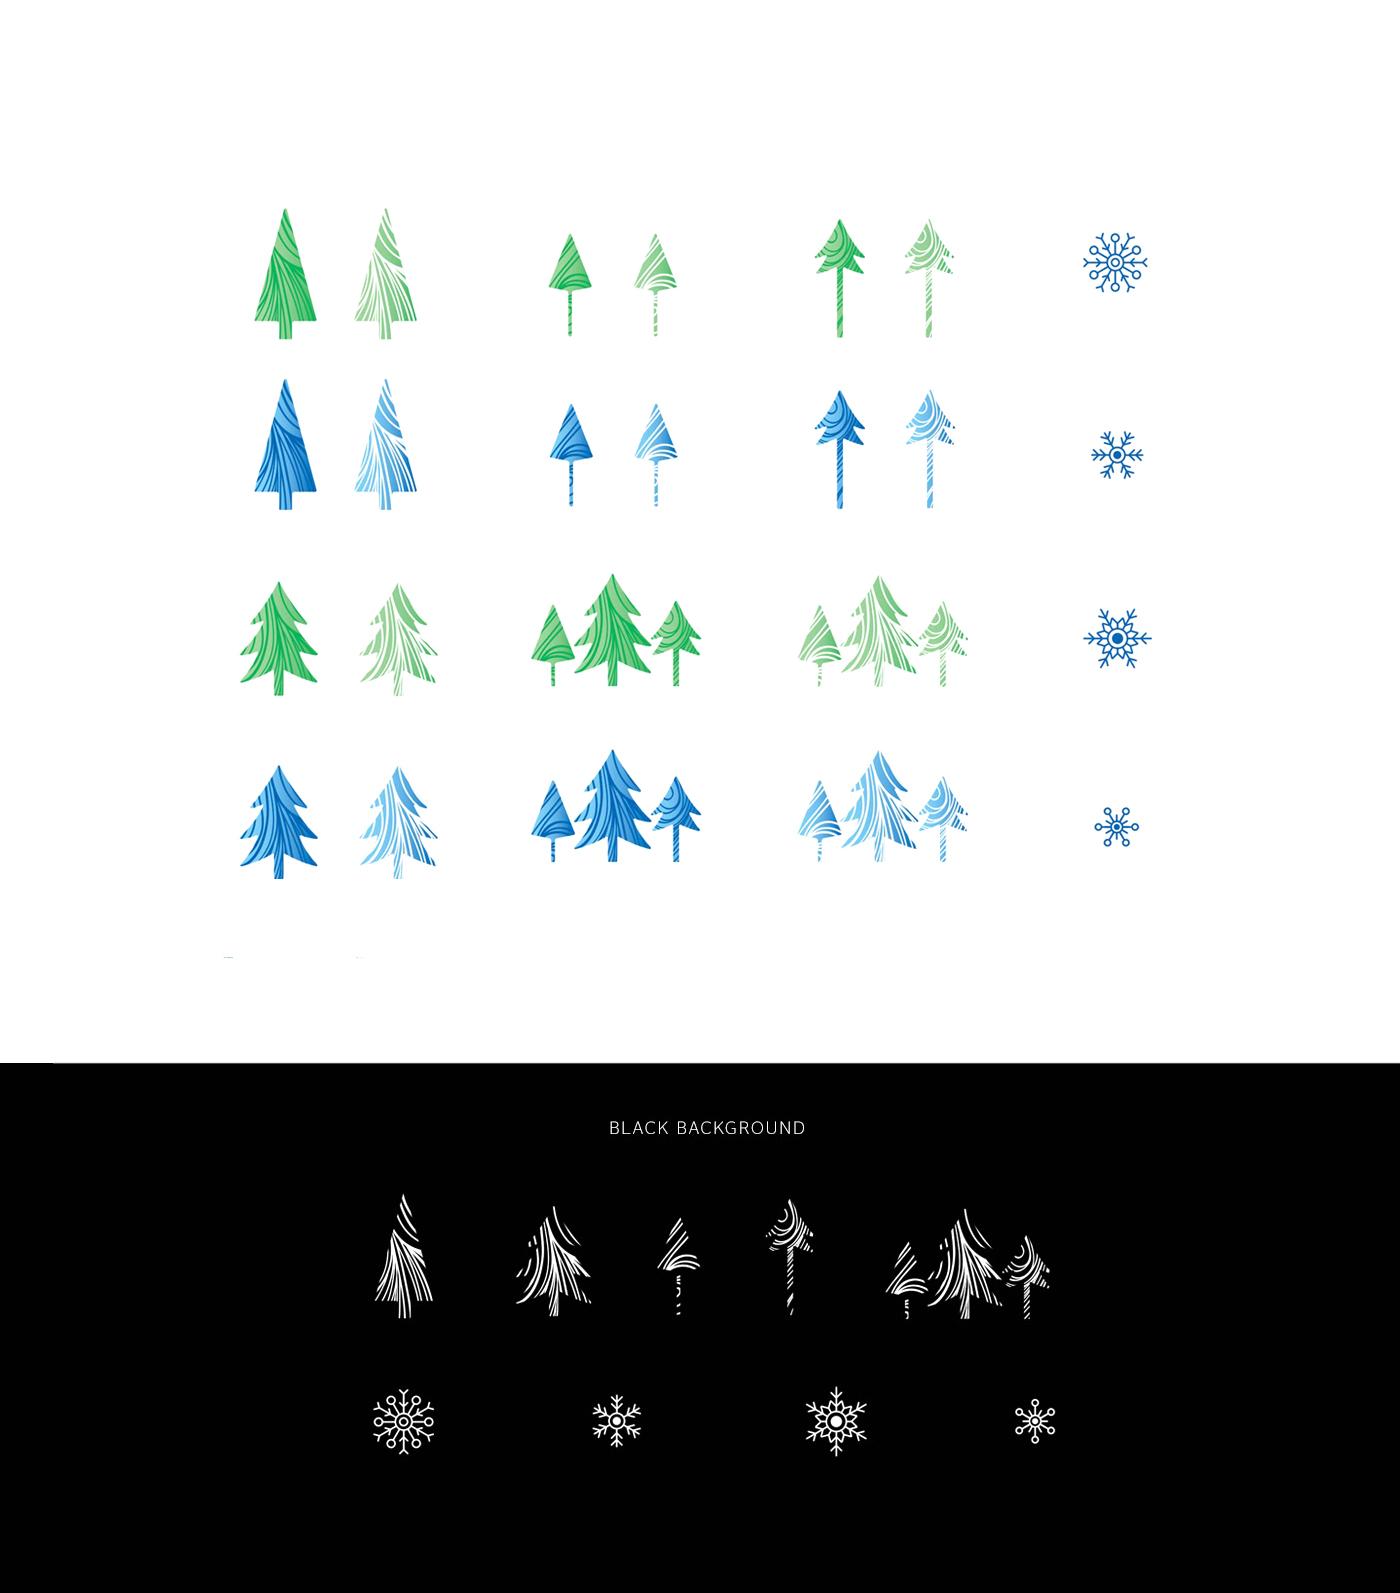 WSG_Illustrations_2.jpg